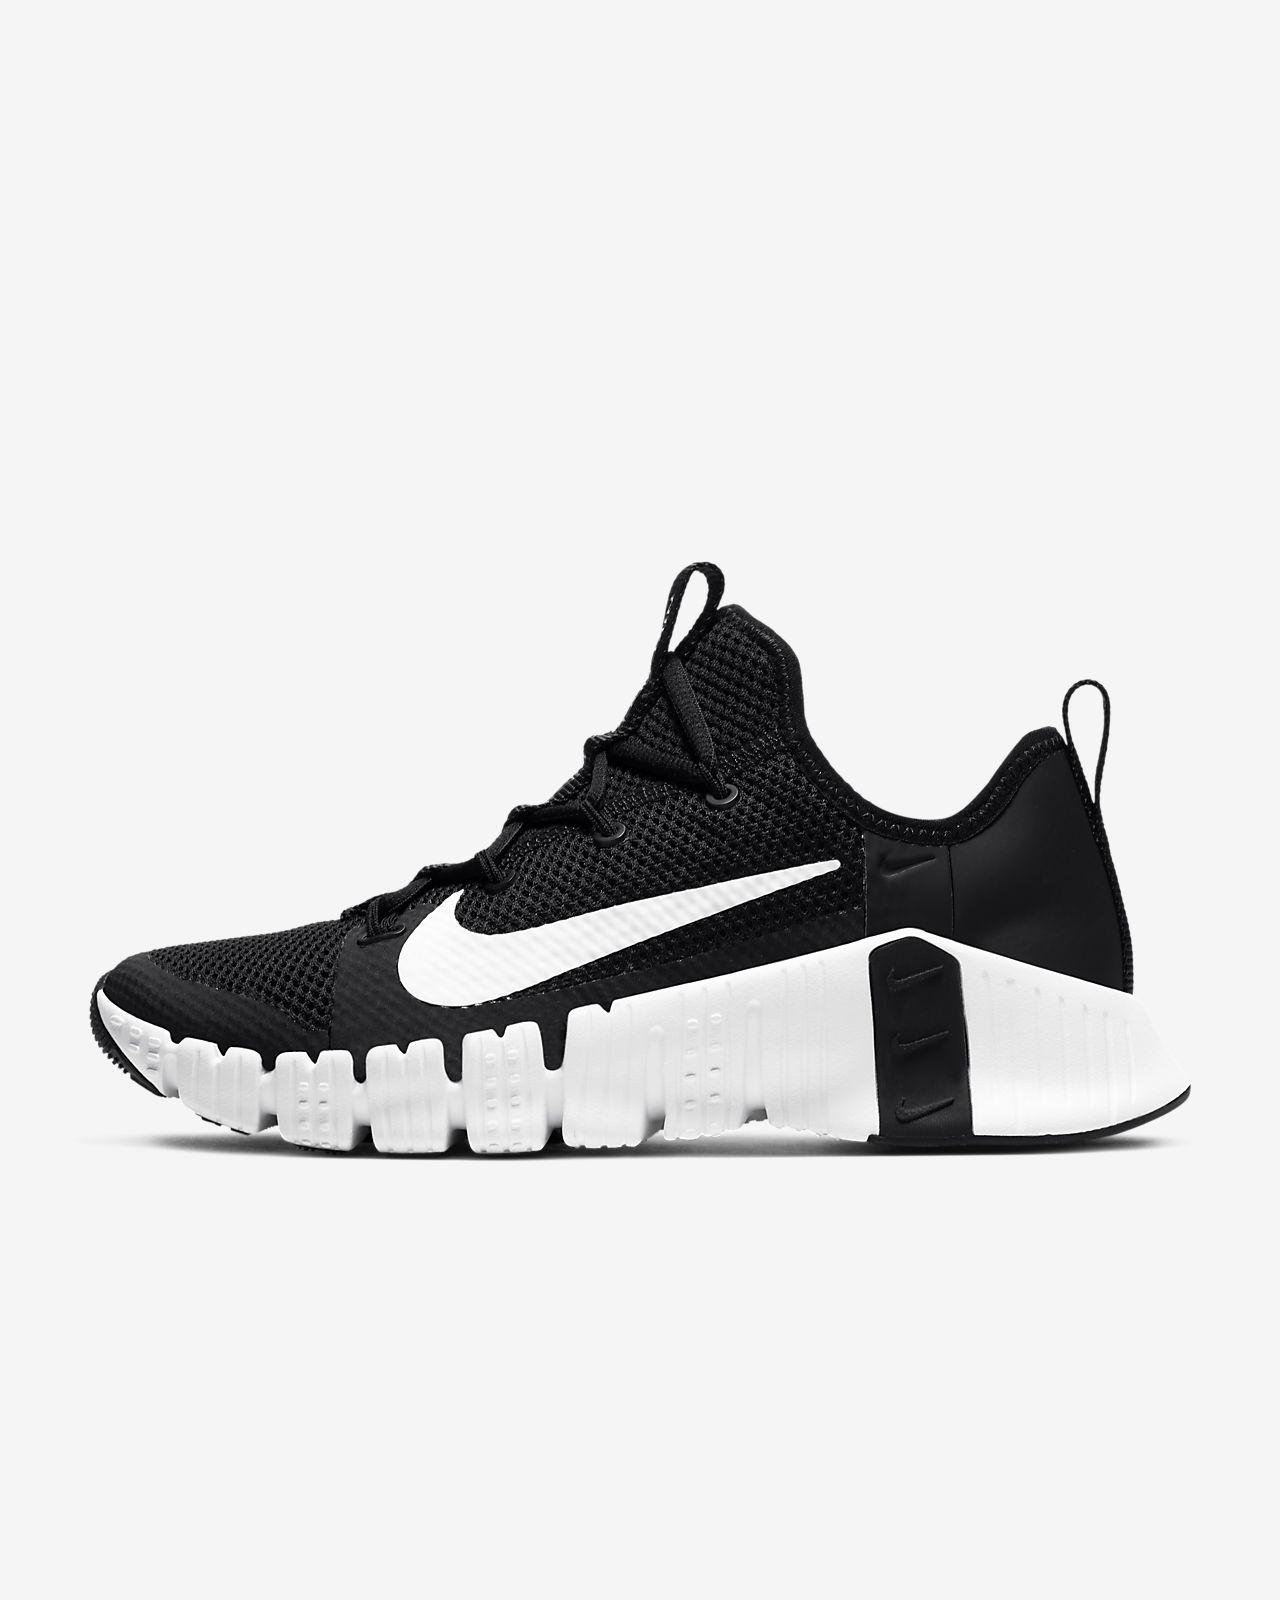 Dámská tréninková bota Nike Free Metcon 3